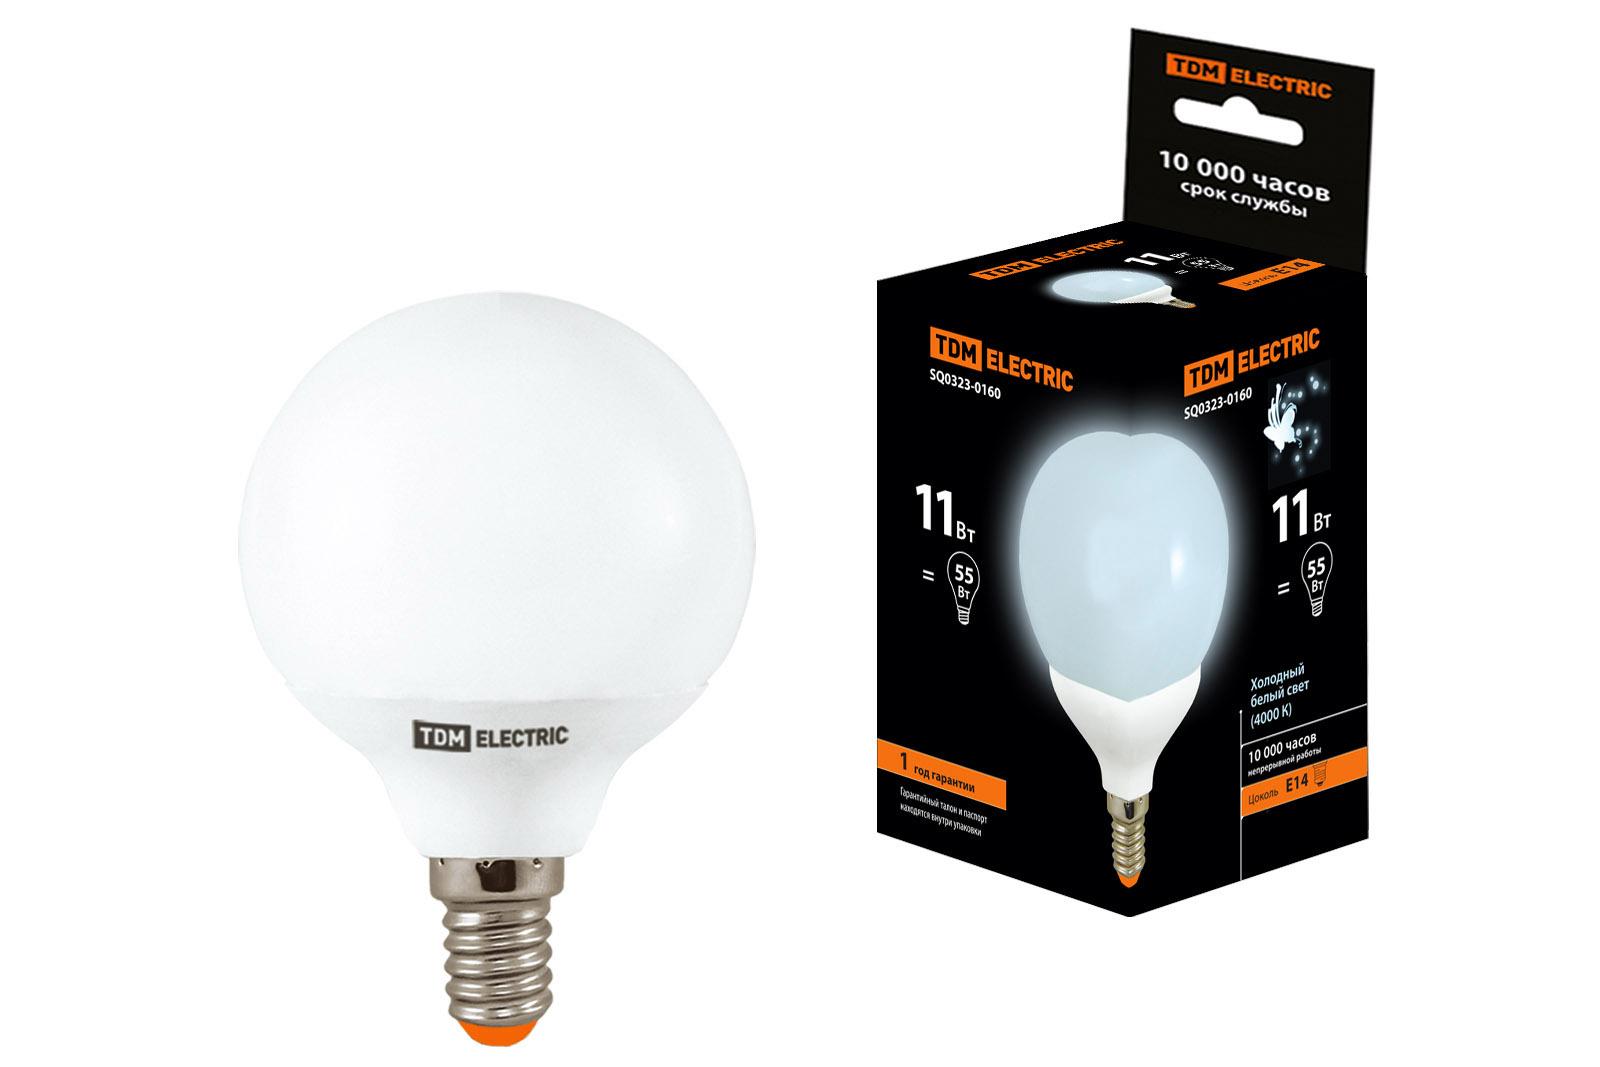 Лампа энергосберегающая Tdm Sq0323-0160